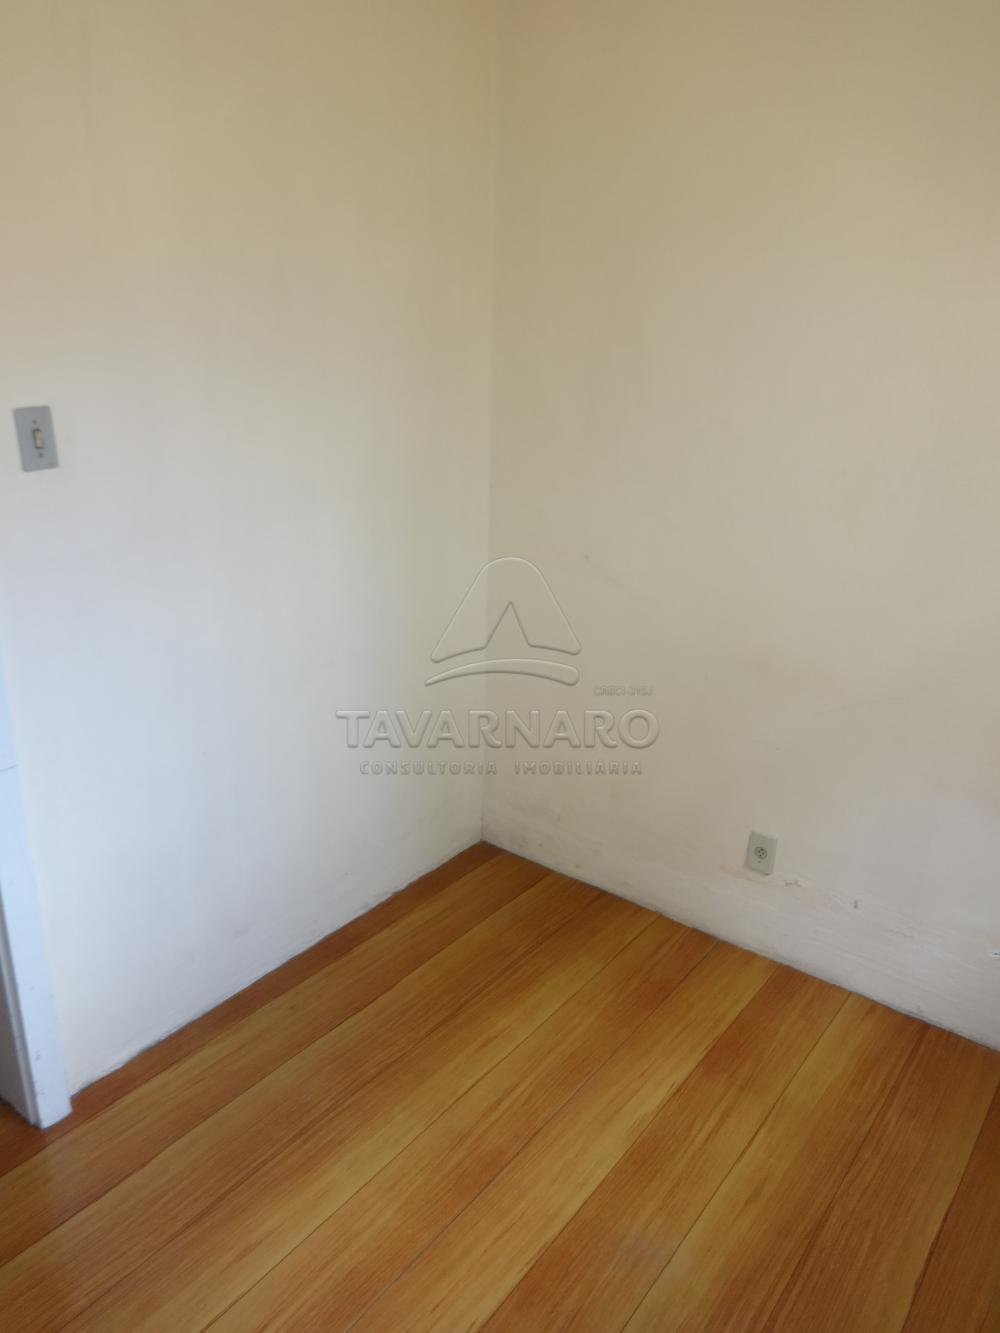 Alugar Casa / Padrão em Ponta Grossa apenas R$ 350,00 - Foto 7